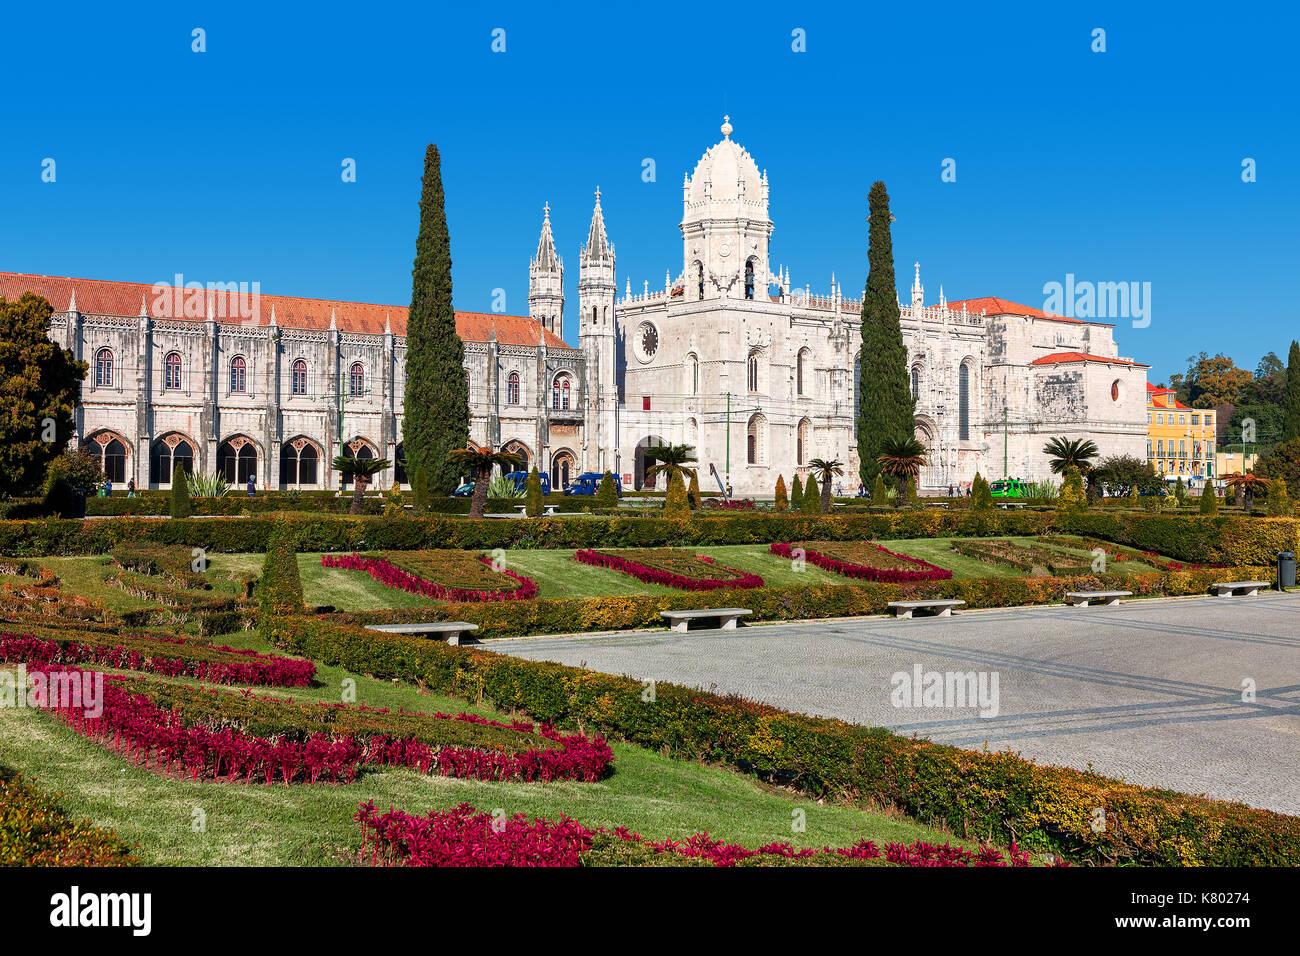 Ansicht der städtischen Park mit Blumen und Jeronimos (aka Hieronymites) Kloster unter blauem Himmel in Lissabon, Portugal. Stockbild